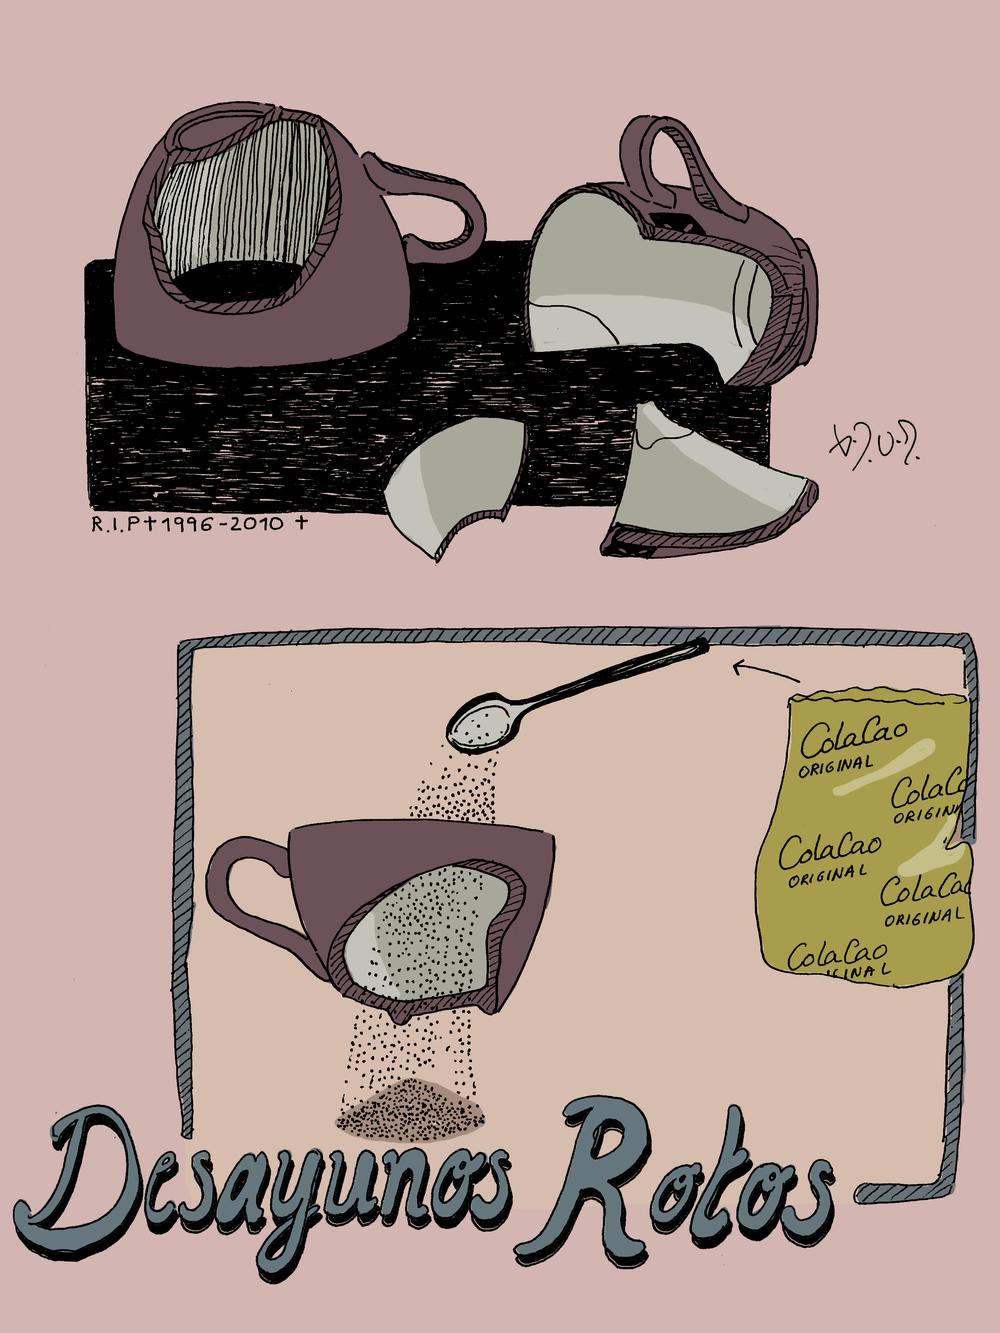 amaya_uscola_illustration_21.png